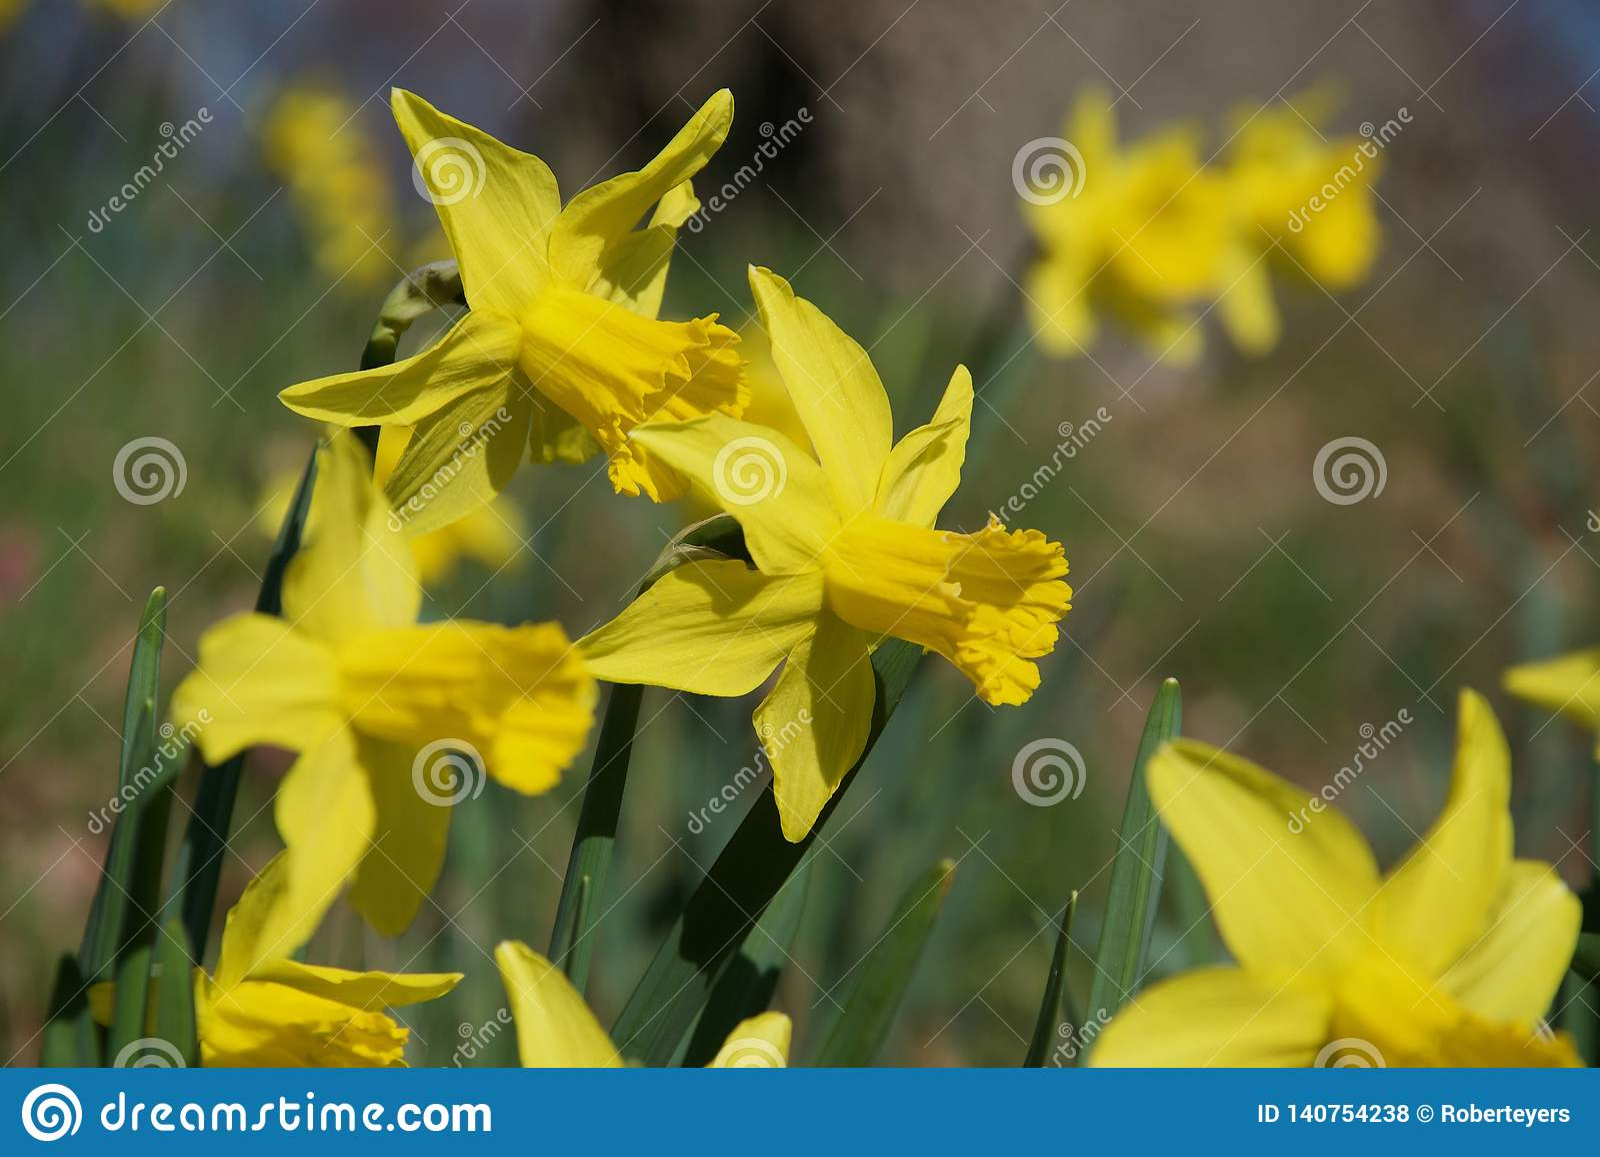 En rugge av ljusa gula påskliljor på gröna stammar i livligt solljus